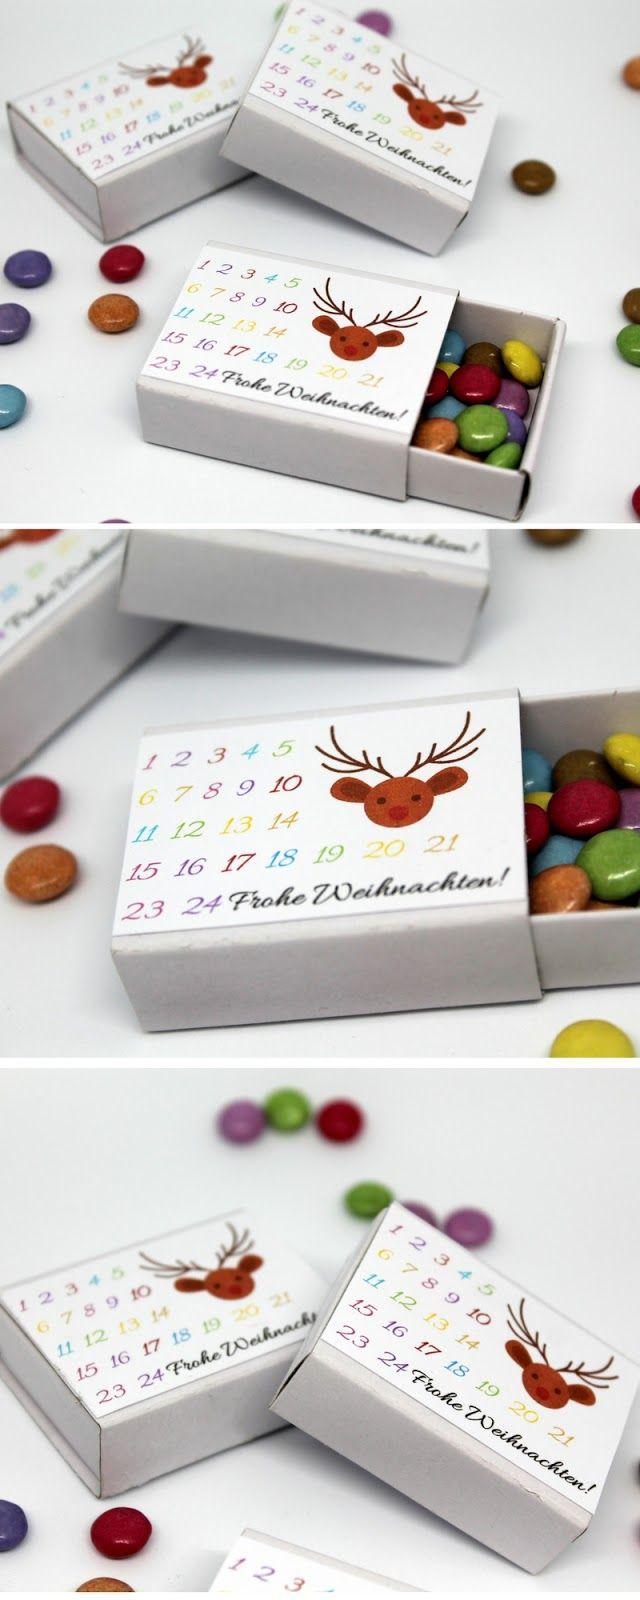 DIY Adventskalender in einer Streichholzschachtel selber machen Vorlage #fooddiy